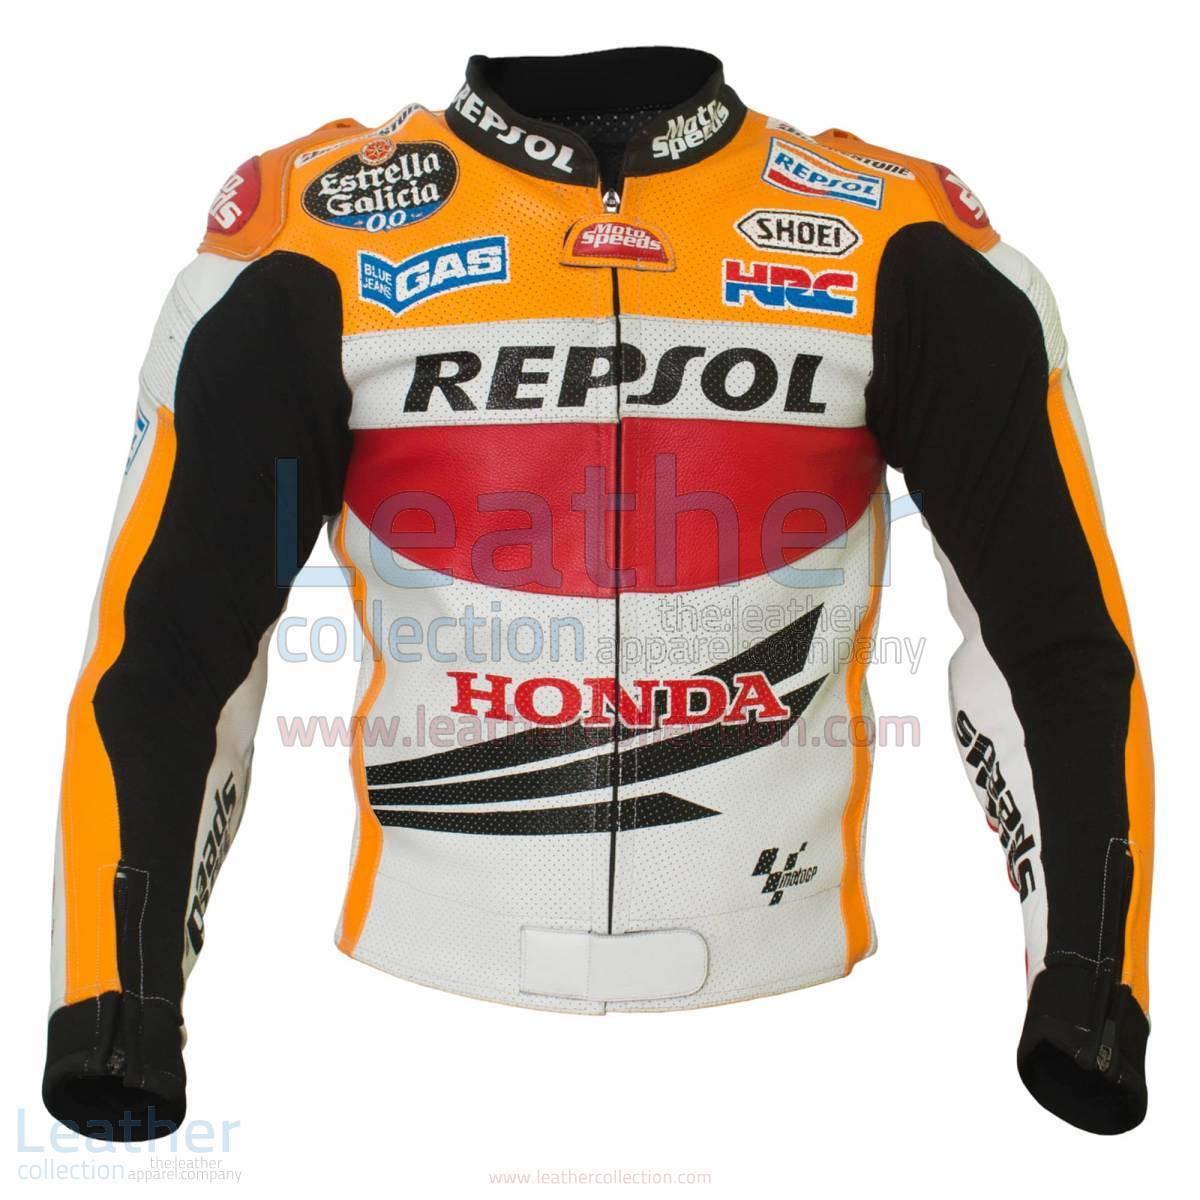 Honda Repsol 2013 Marquez HRC racing jacket